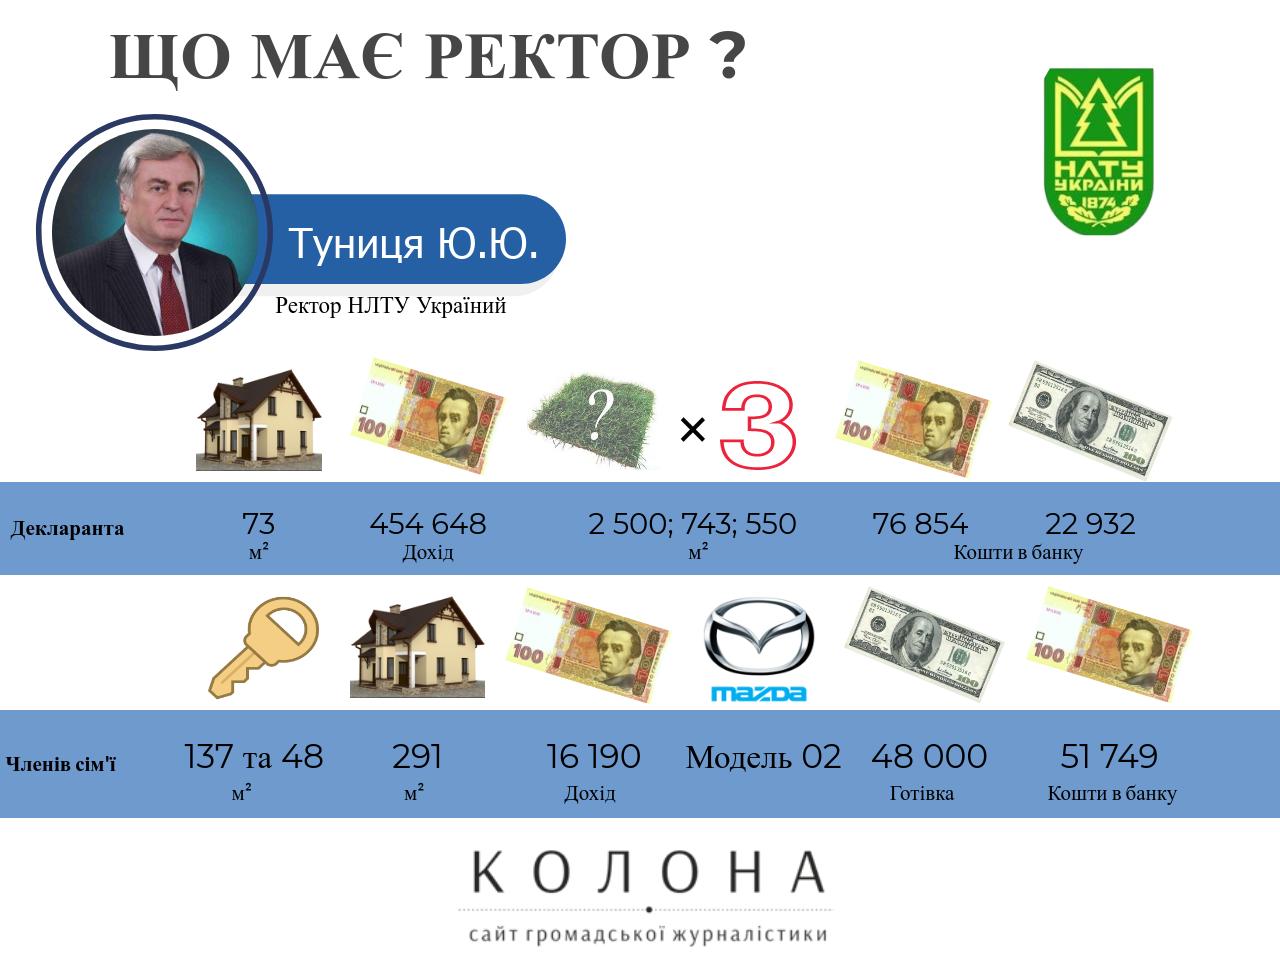 Туниця Юрій Юрійович